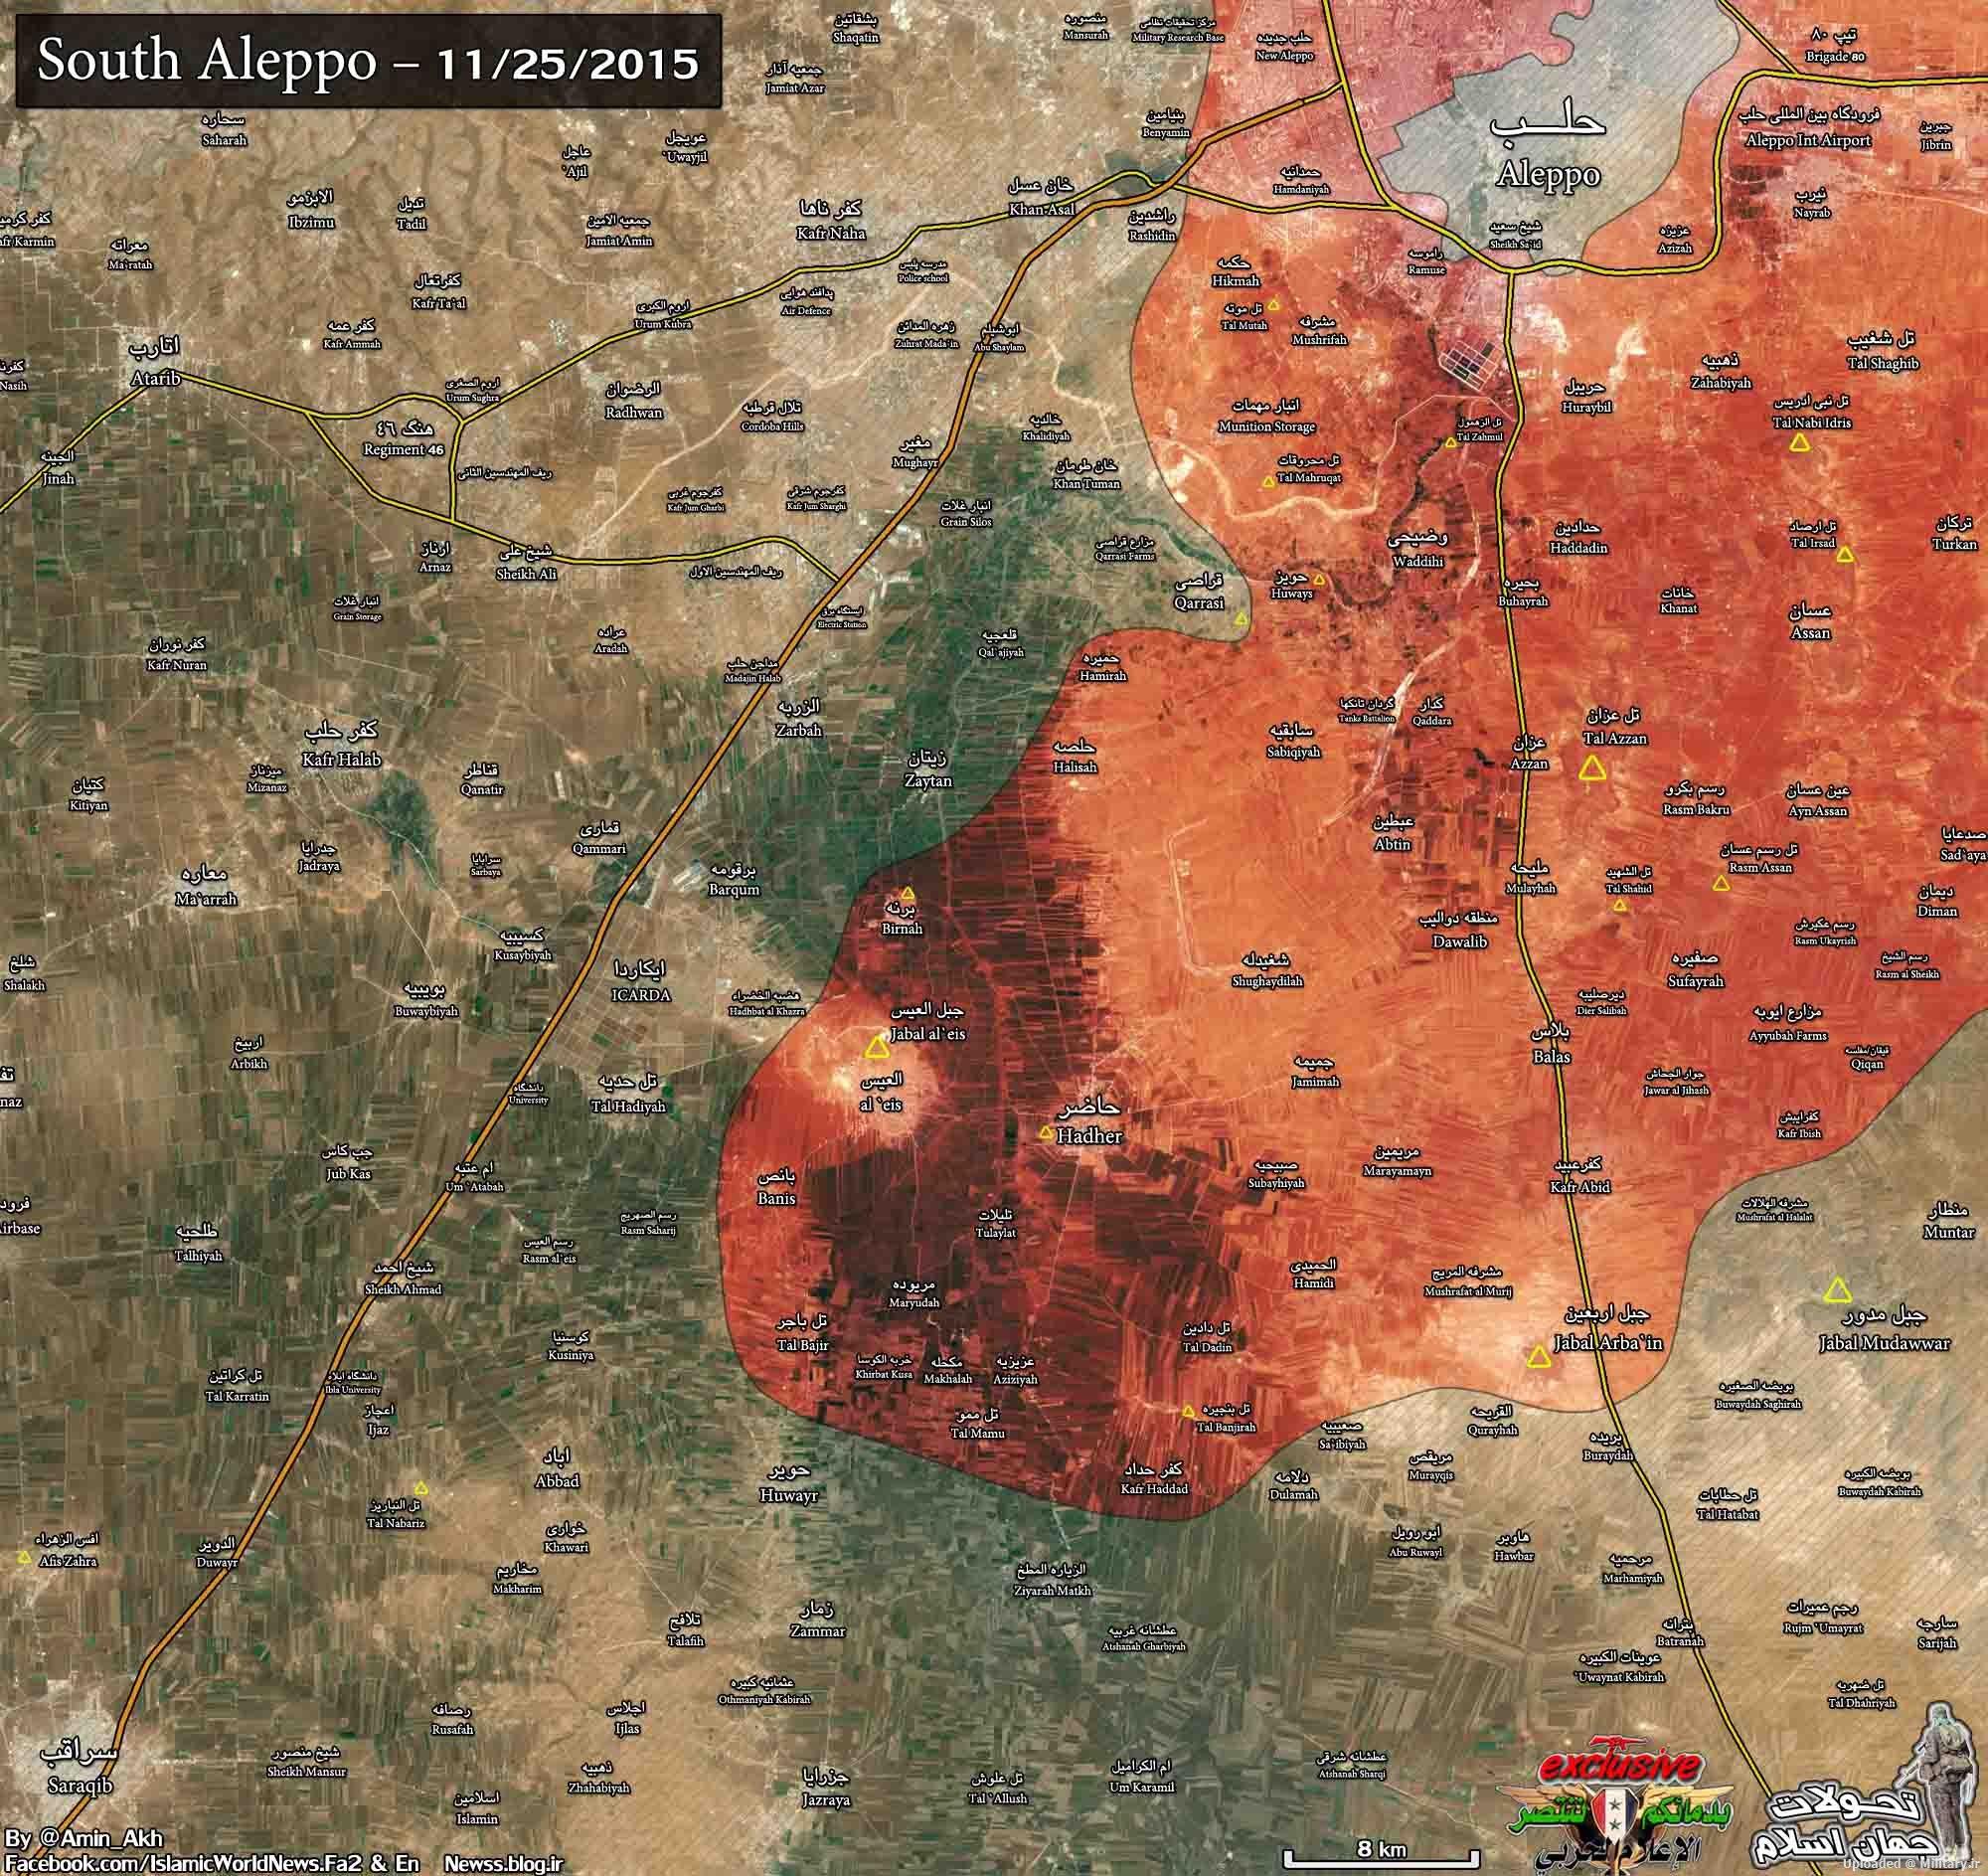 South_Aleppo_1km_cut1_25nov_4azar_low.JP